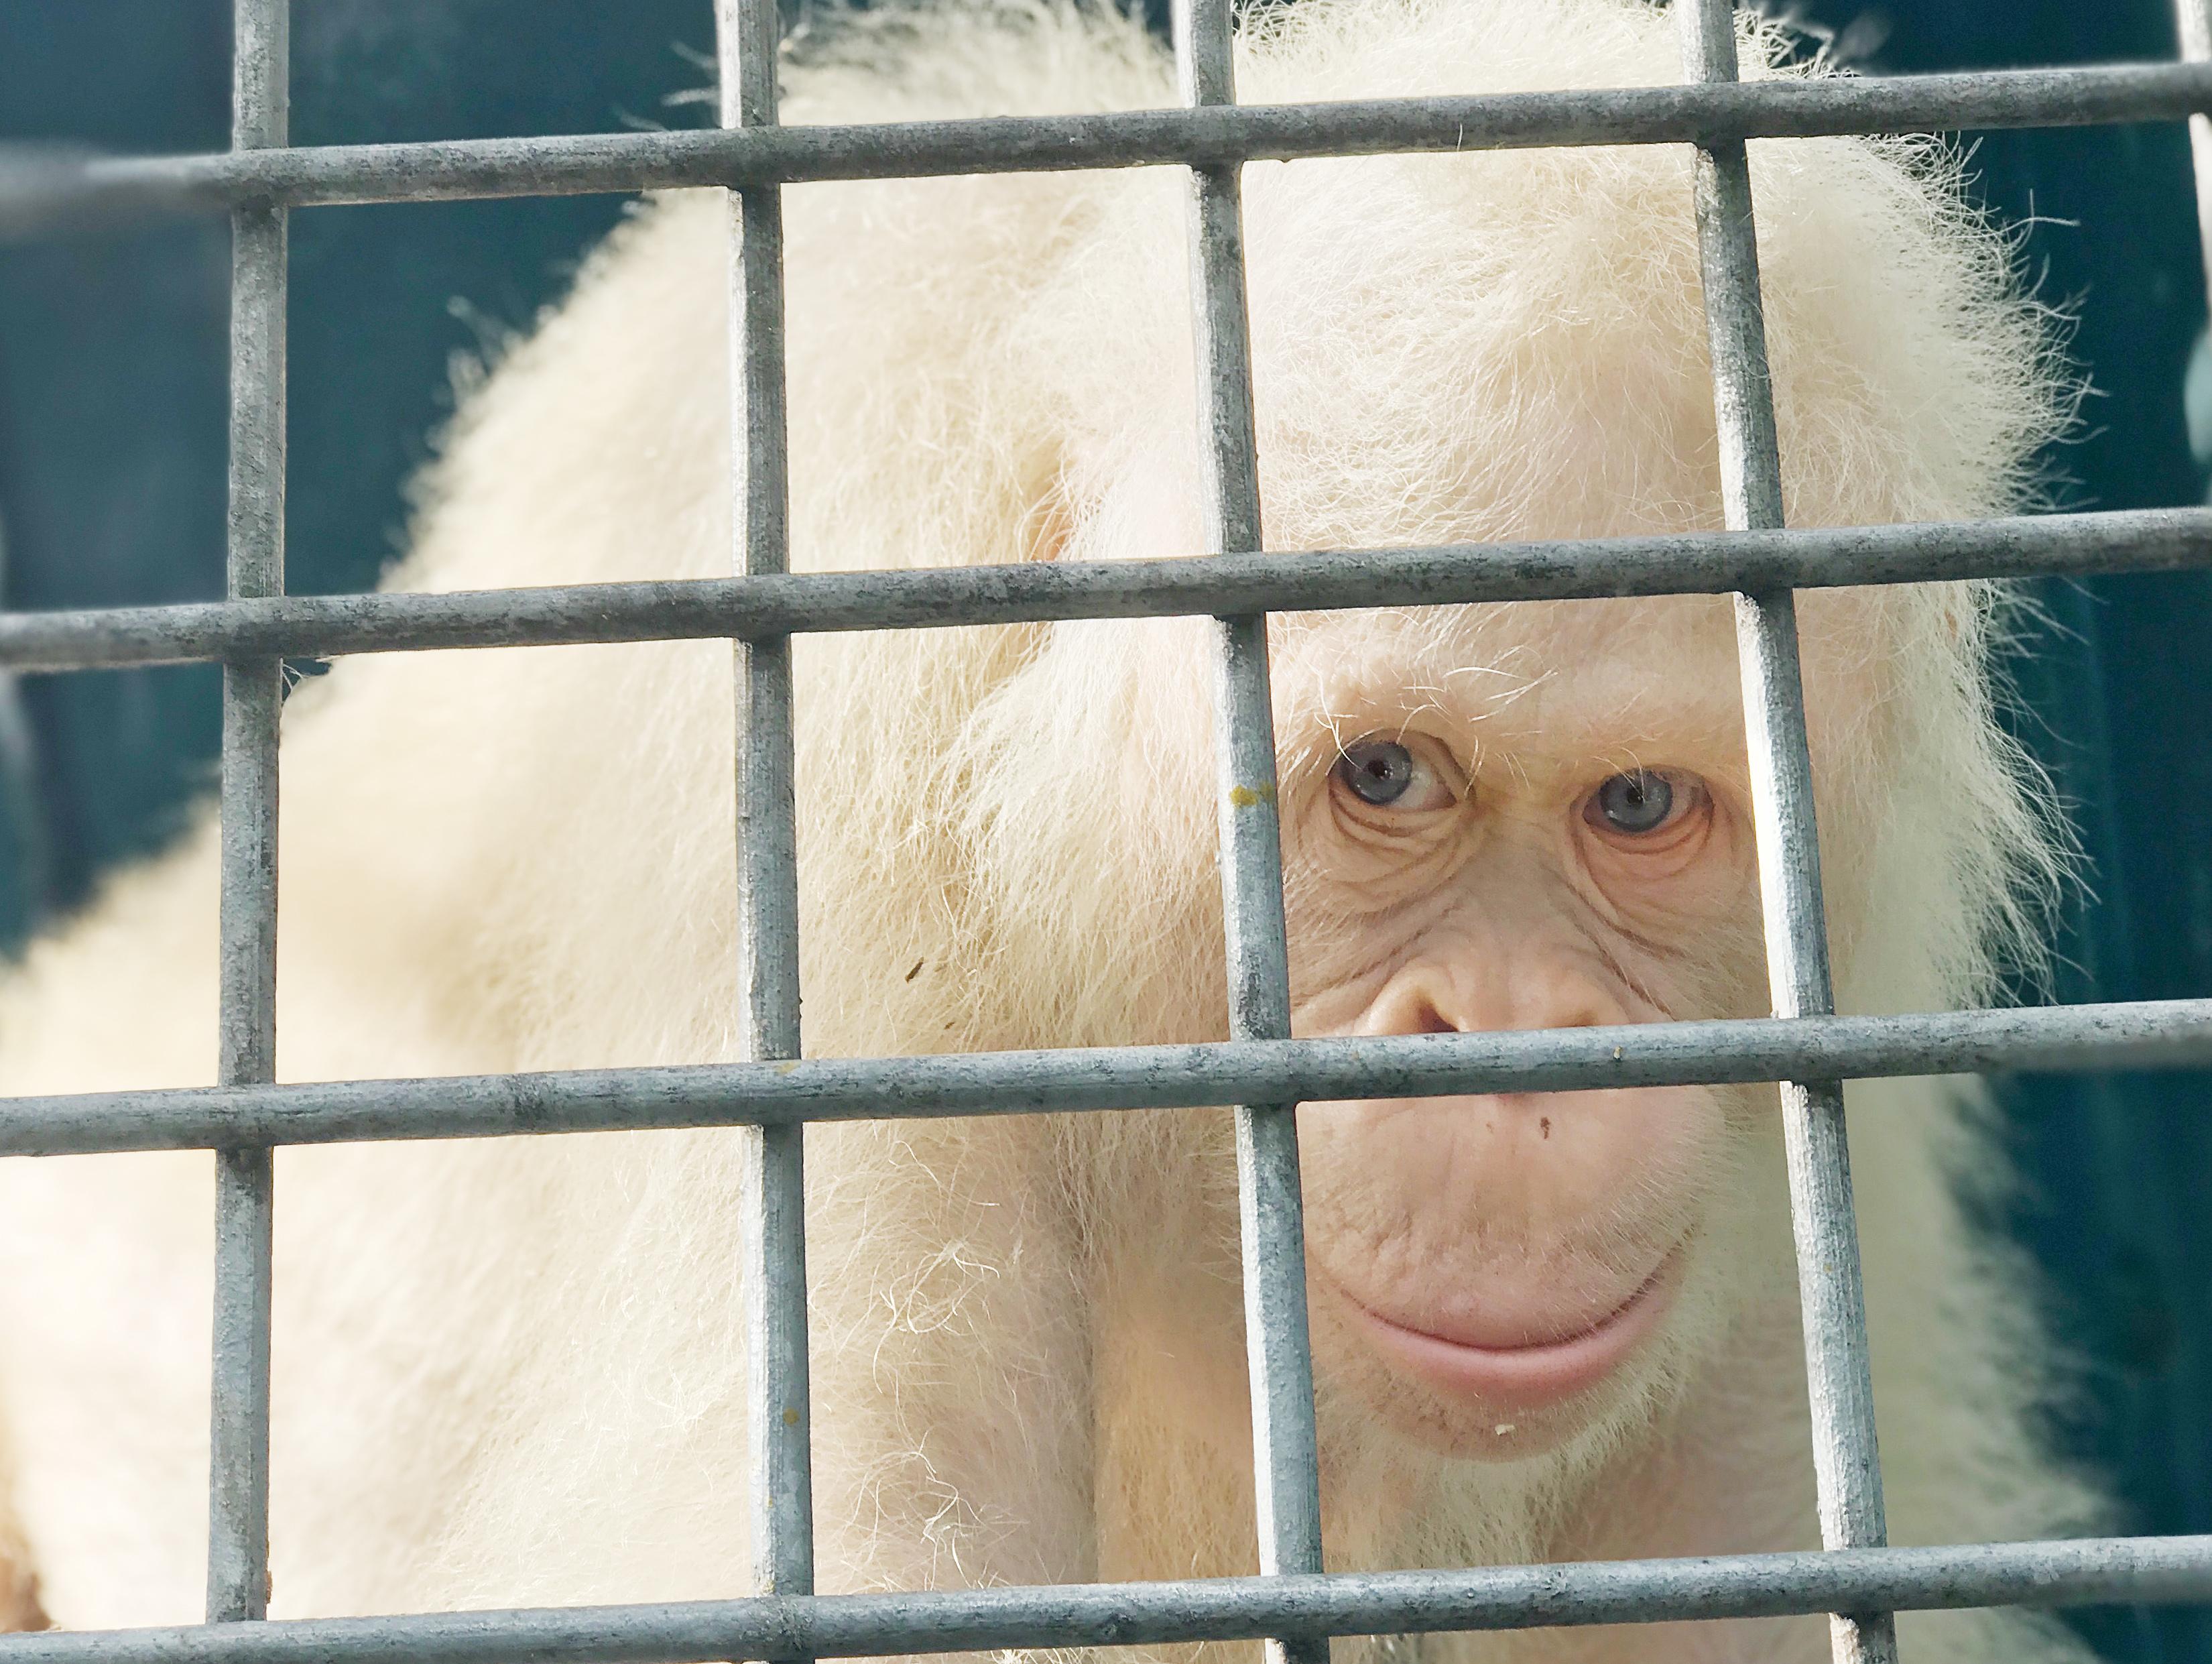 Visszatért a vadonba a világ egyetlen ismert albínó orangutánja